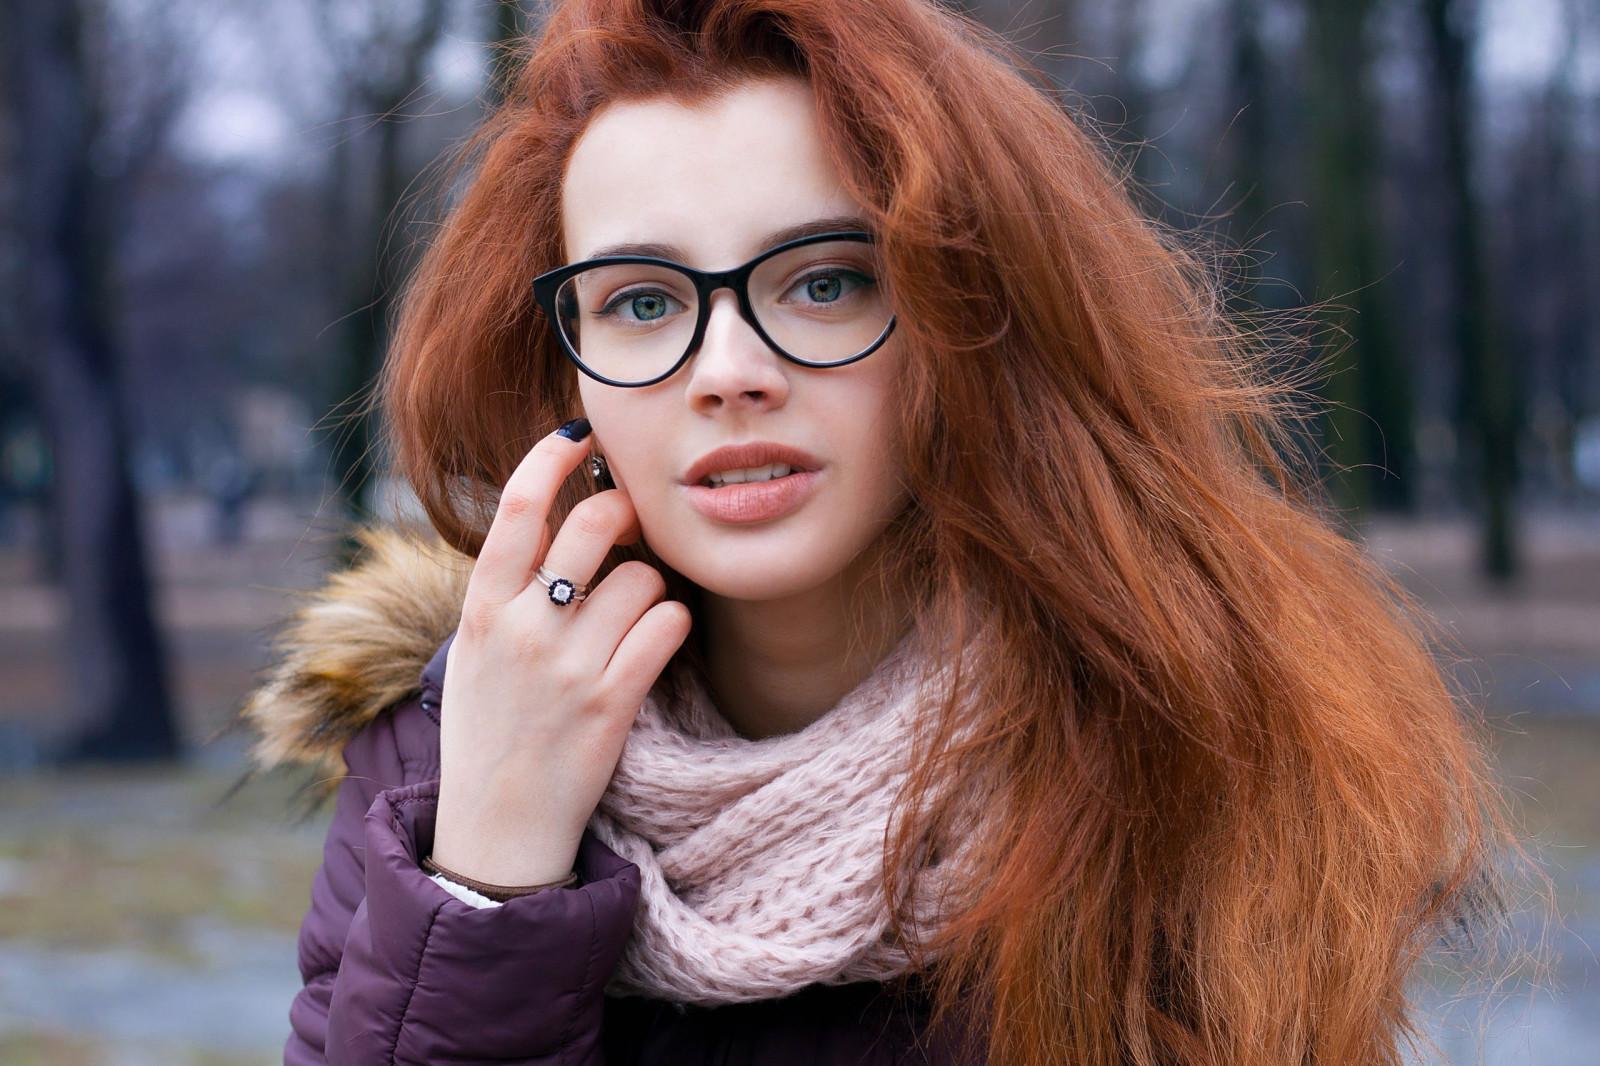 Hintergrundbilder : Frau, Rothaarige, Frauen mit Brille